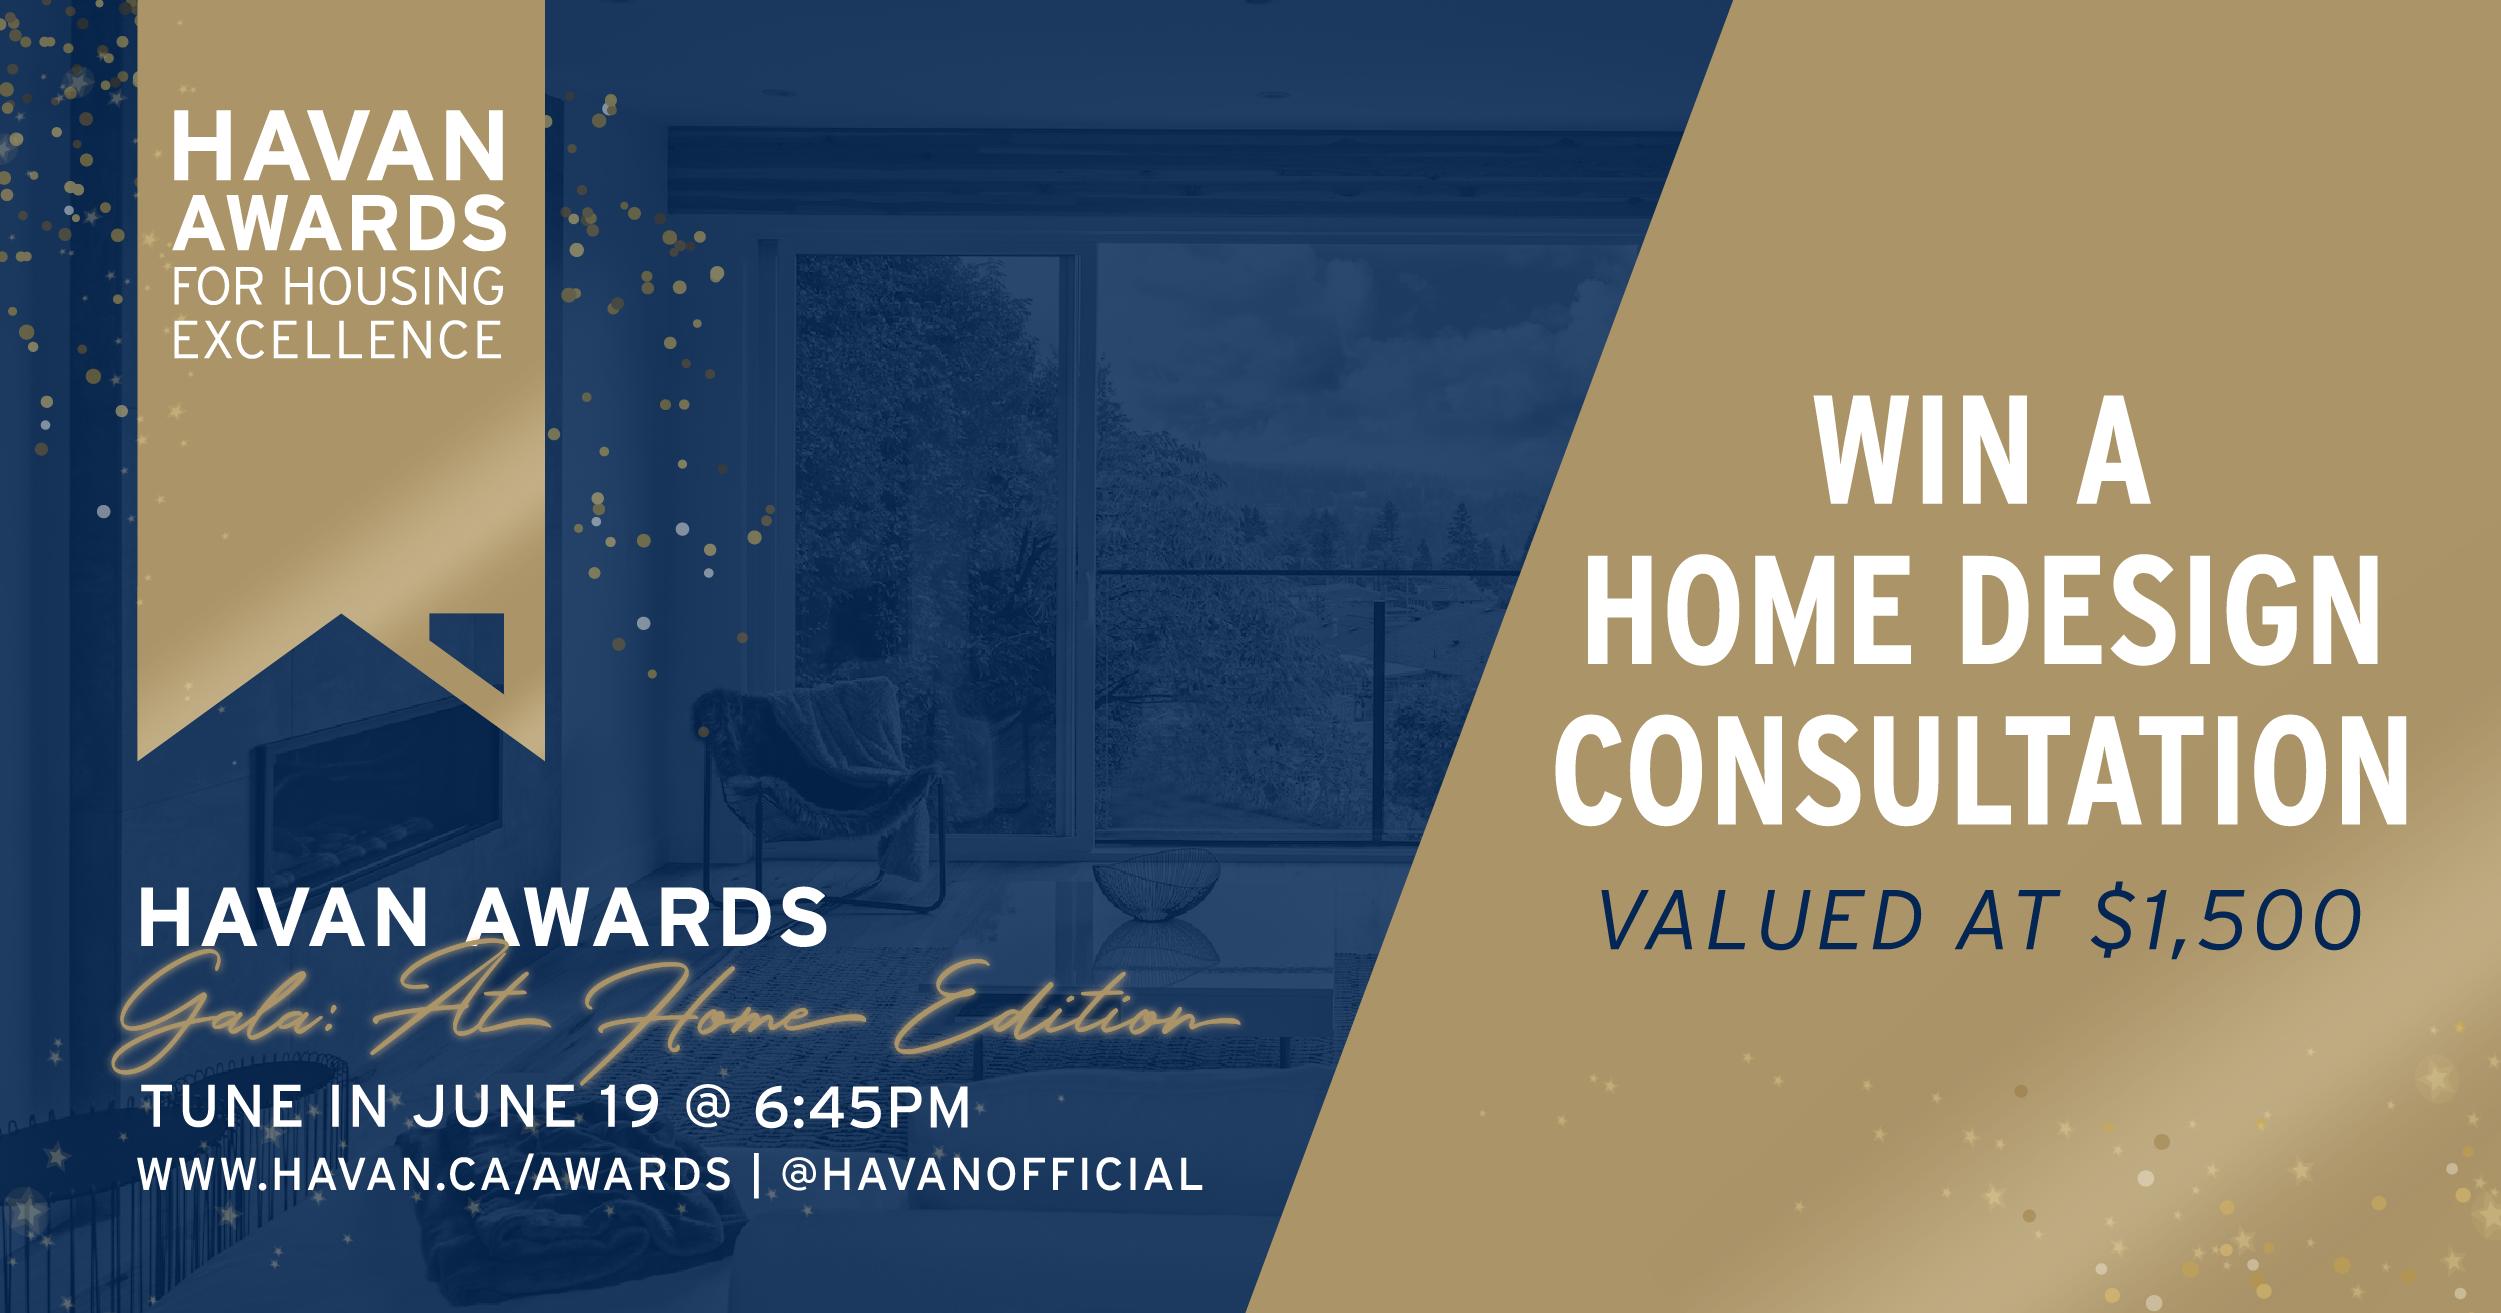 HAVAN Awards Contest